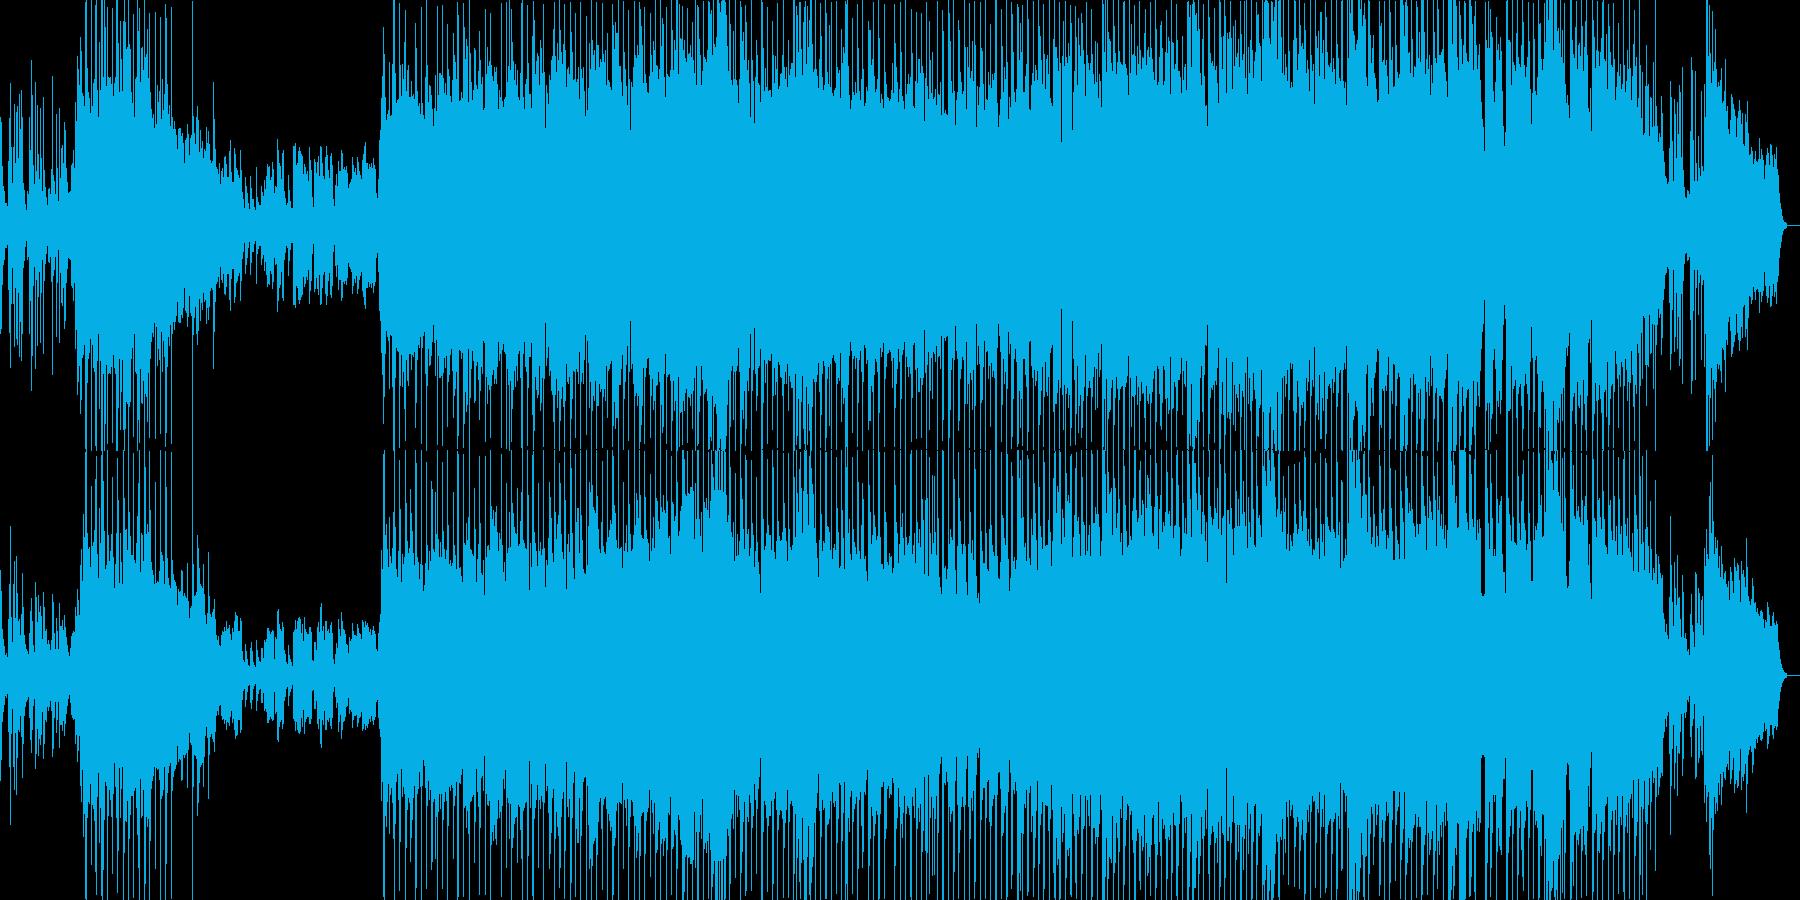 ピアノが印象的な寂しい雰囲気のバラードの再生済みの波形